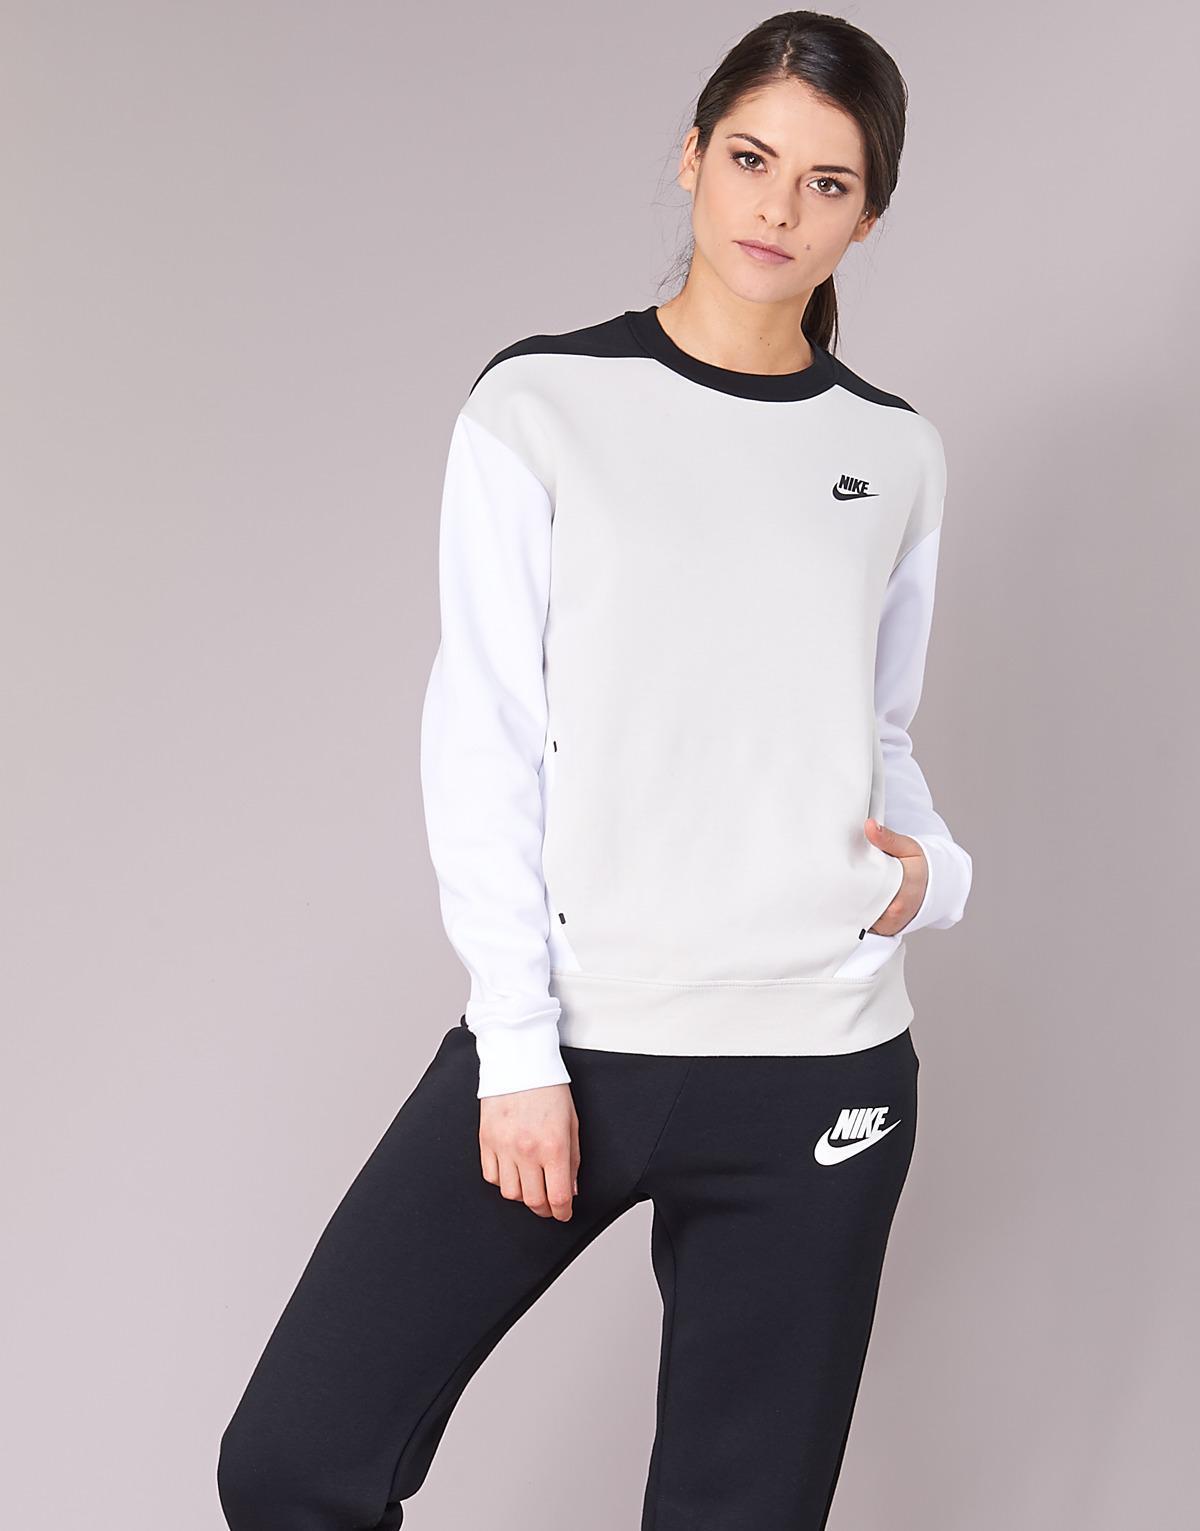 c1d5acd2a183 Nike Tech Fleece Crew Sweatshirt in Gray - Save 24% - Lyst